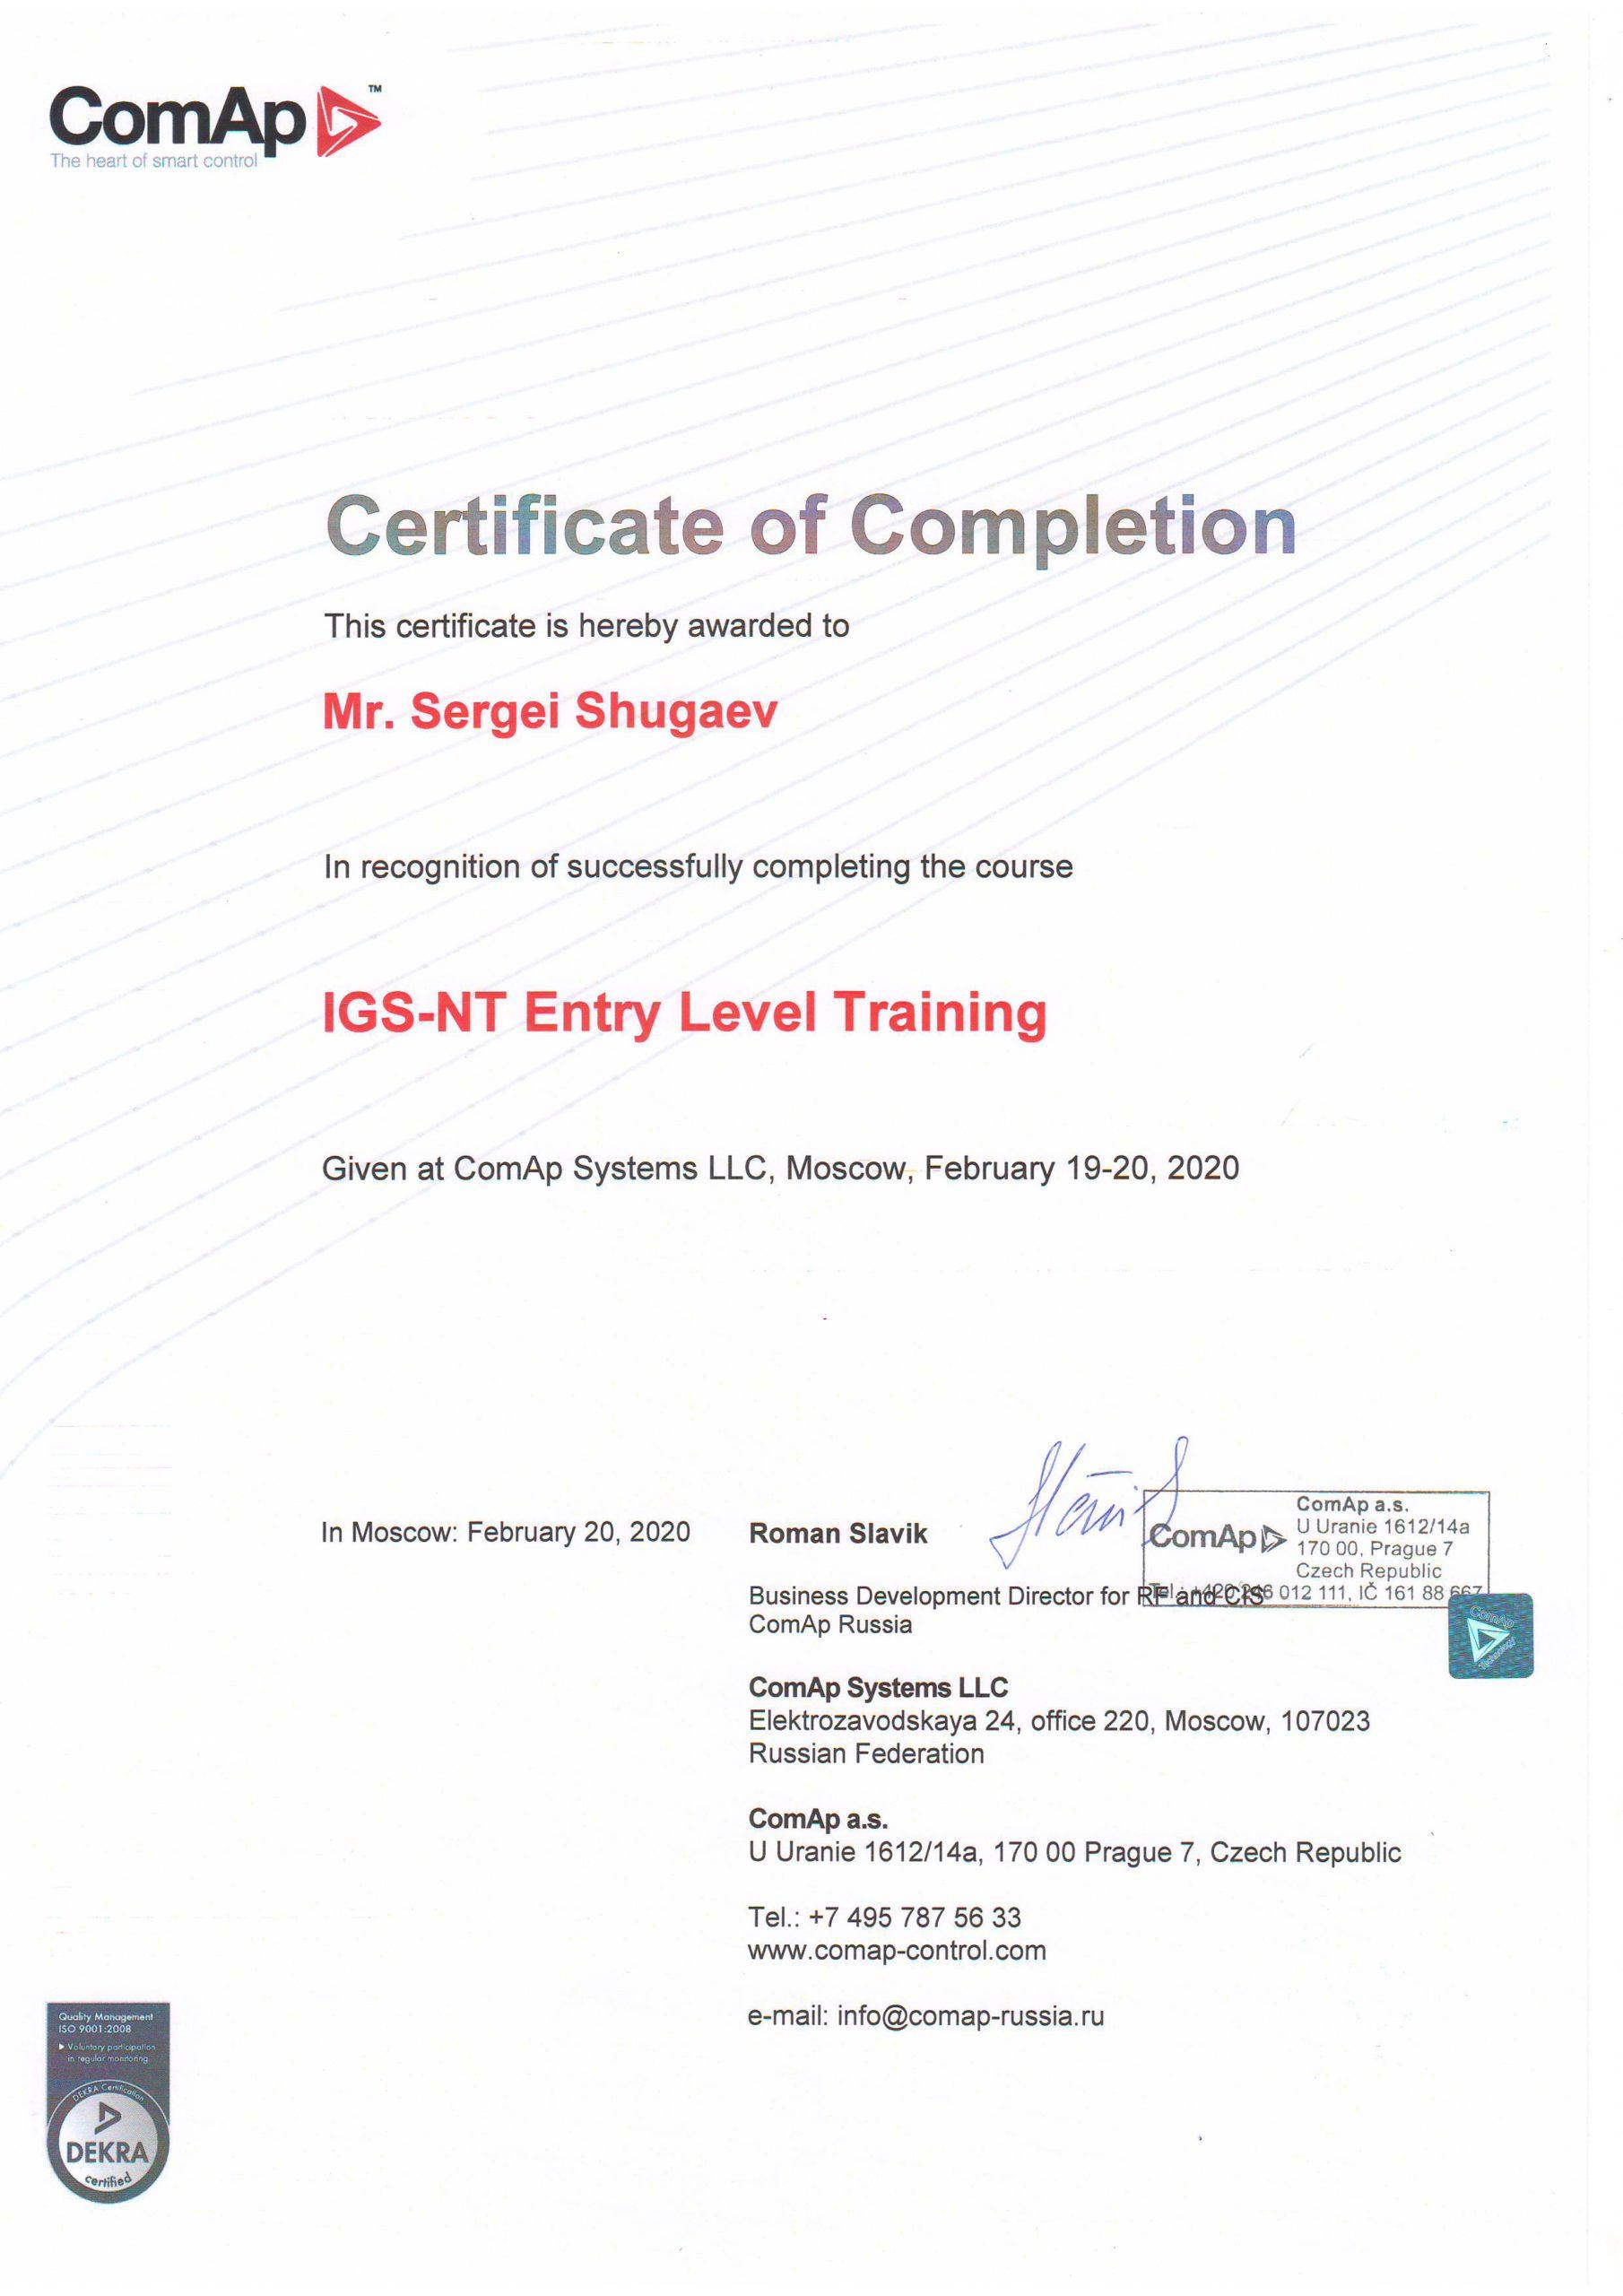 Сертификат ComAp - Шугаев Сергей